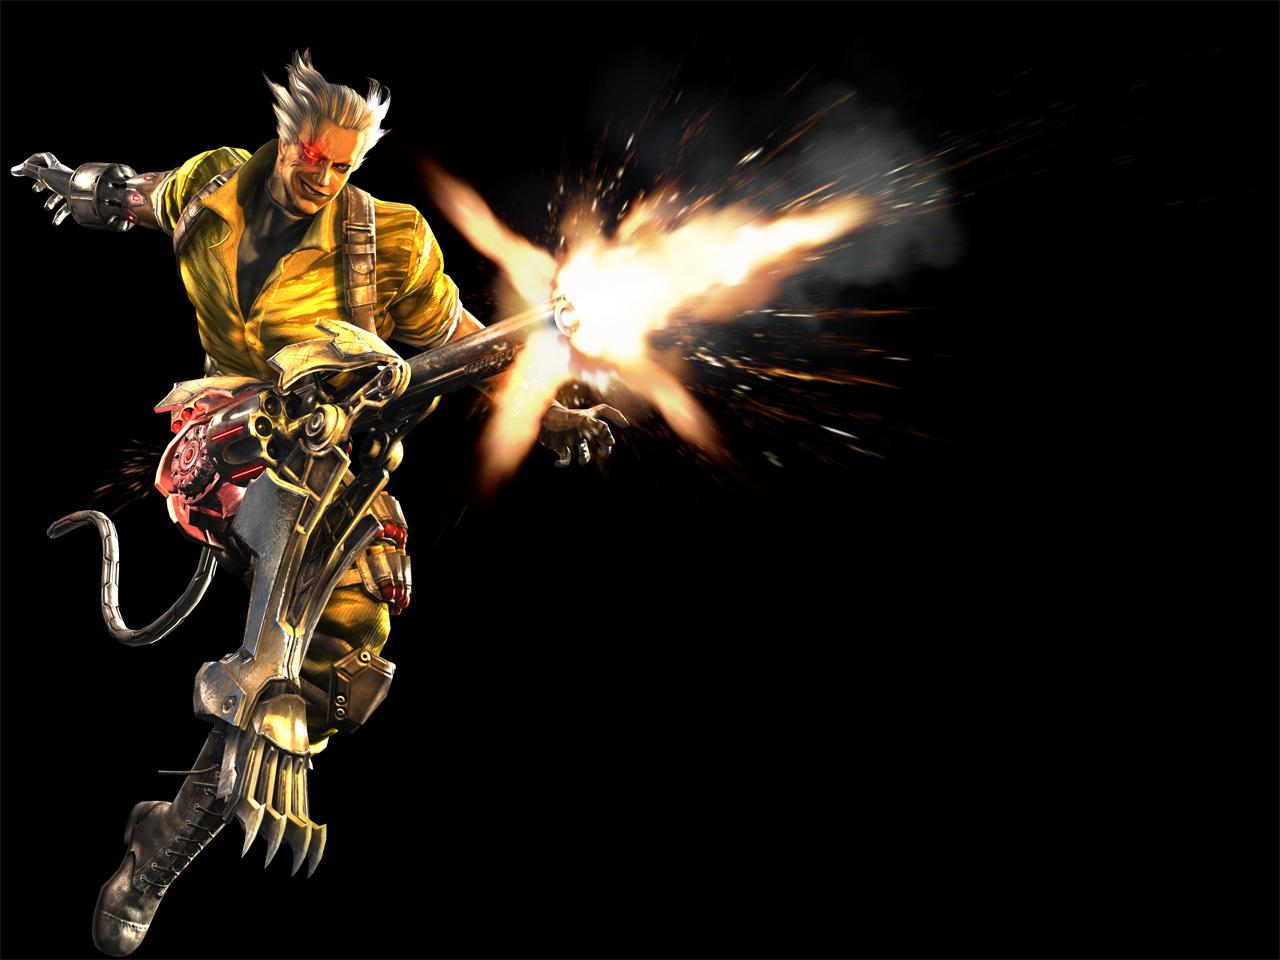 Anarchy Reigns: Zwei neue Screens und zwei Artworks zeigen den Helden Durga.